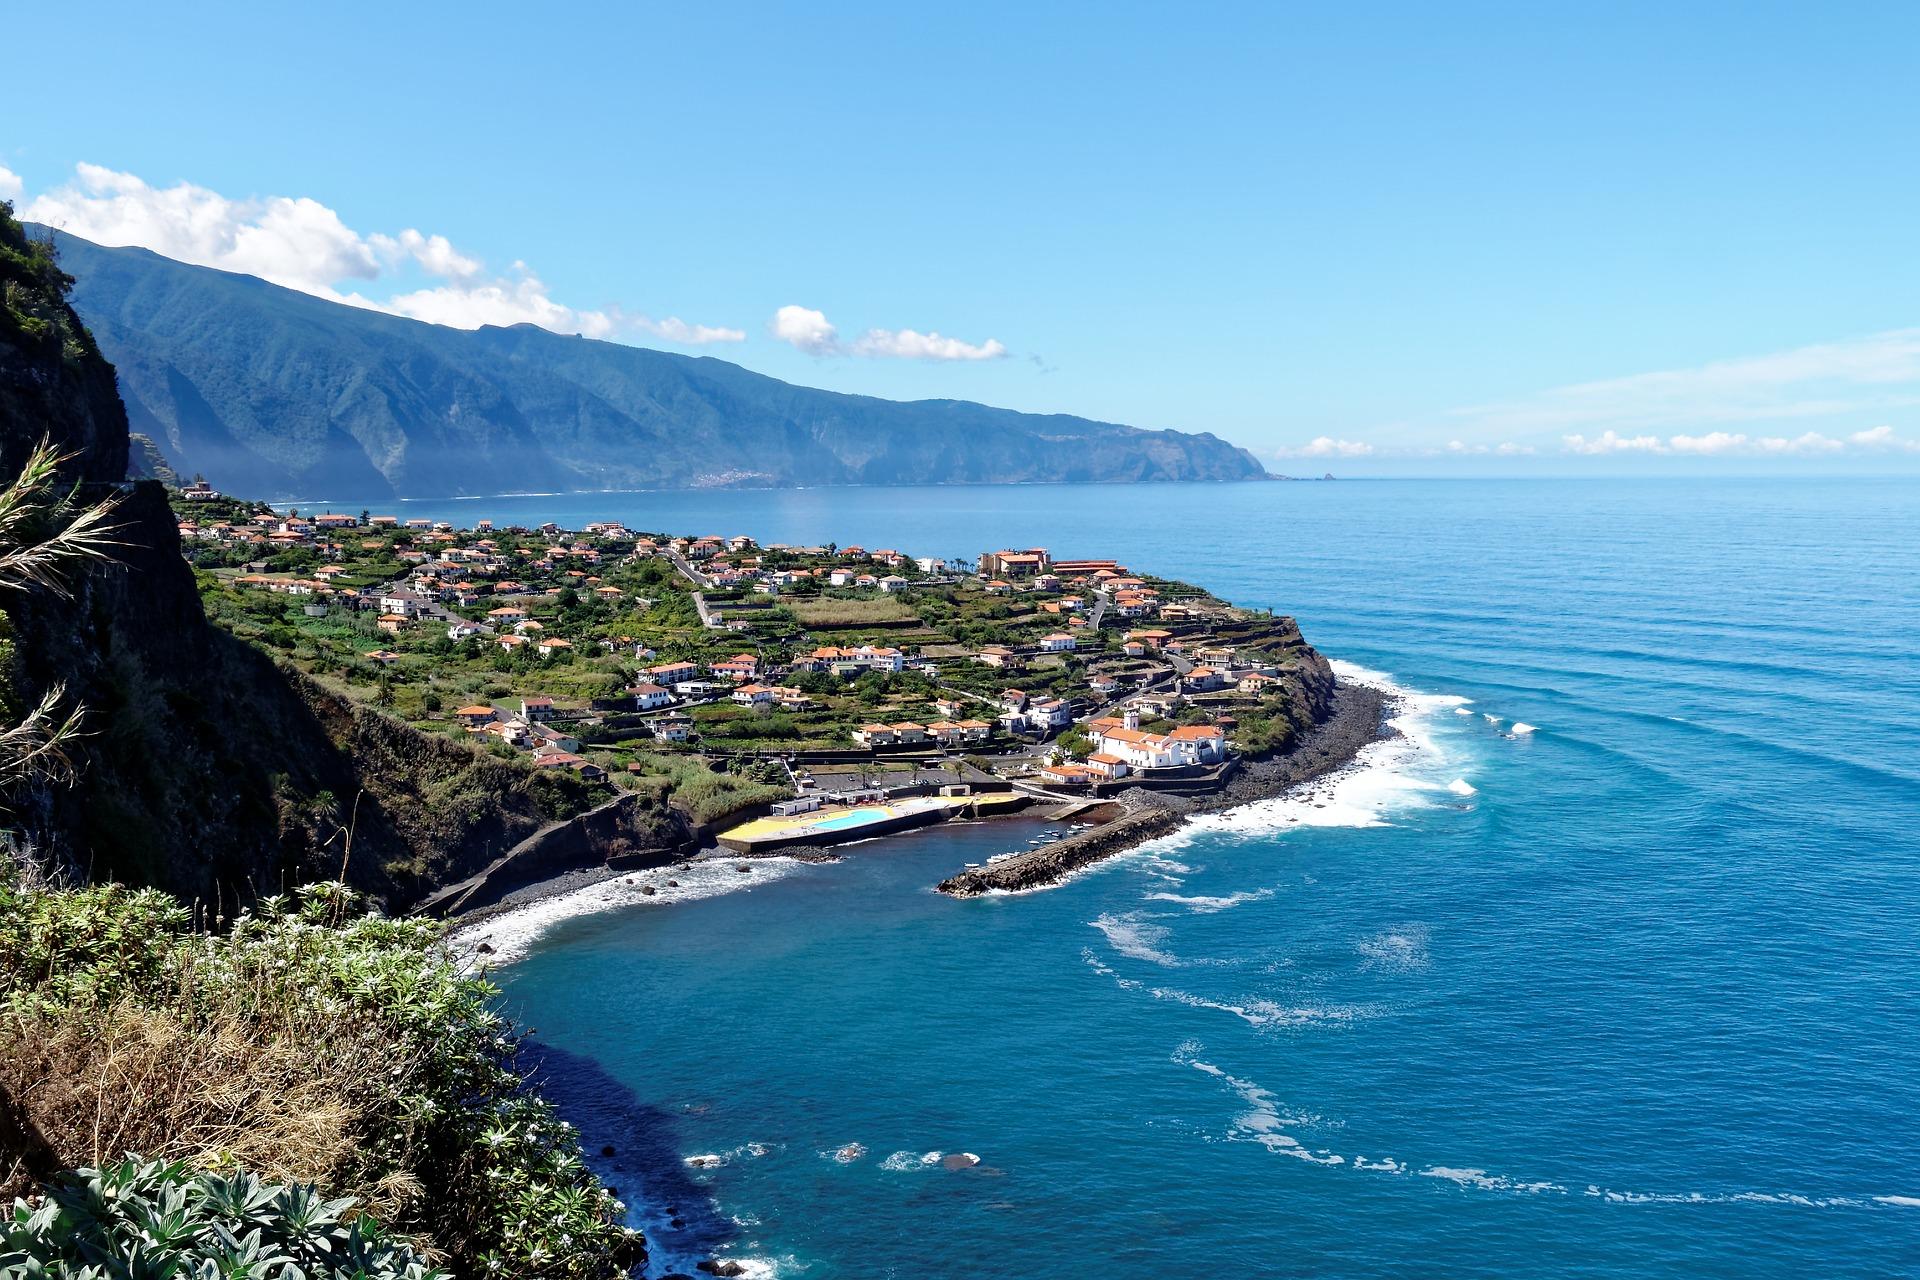 Португалія Мадейра море місто